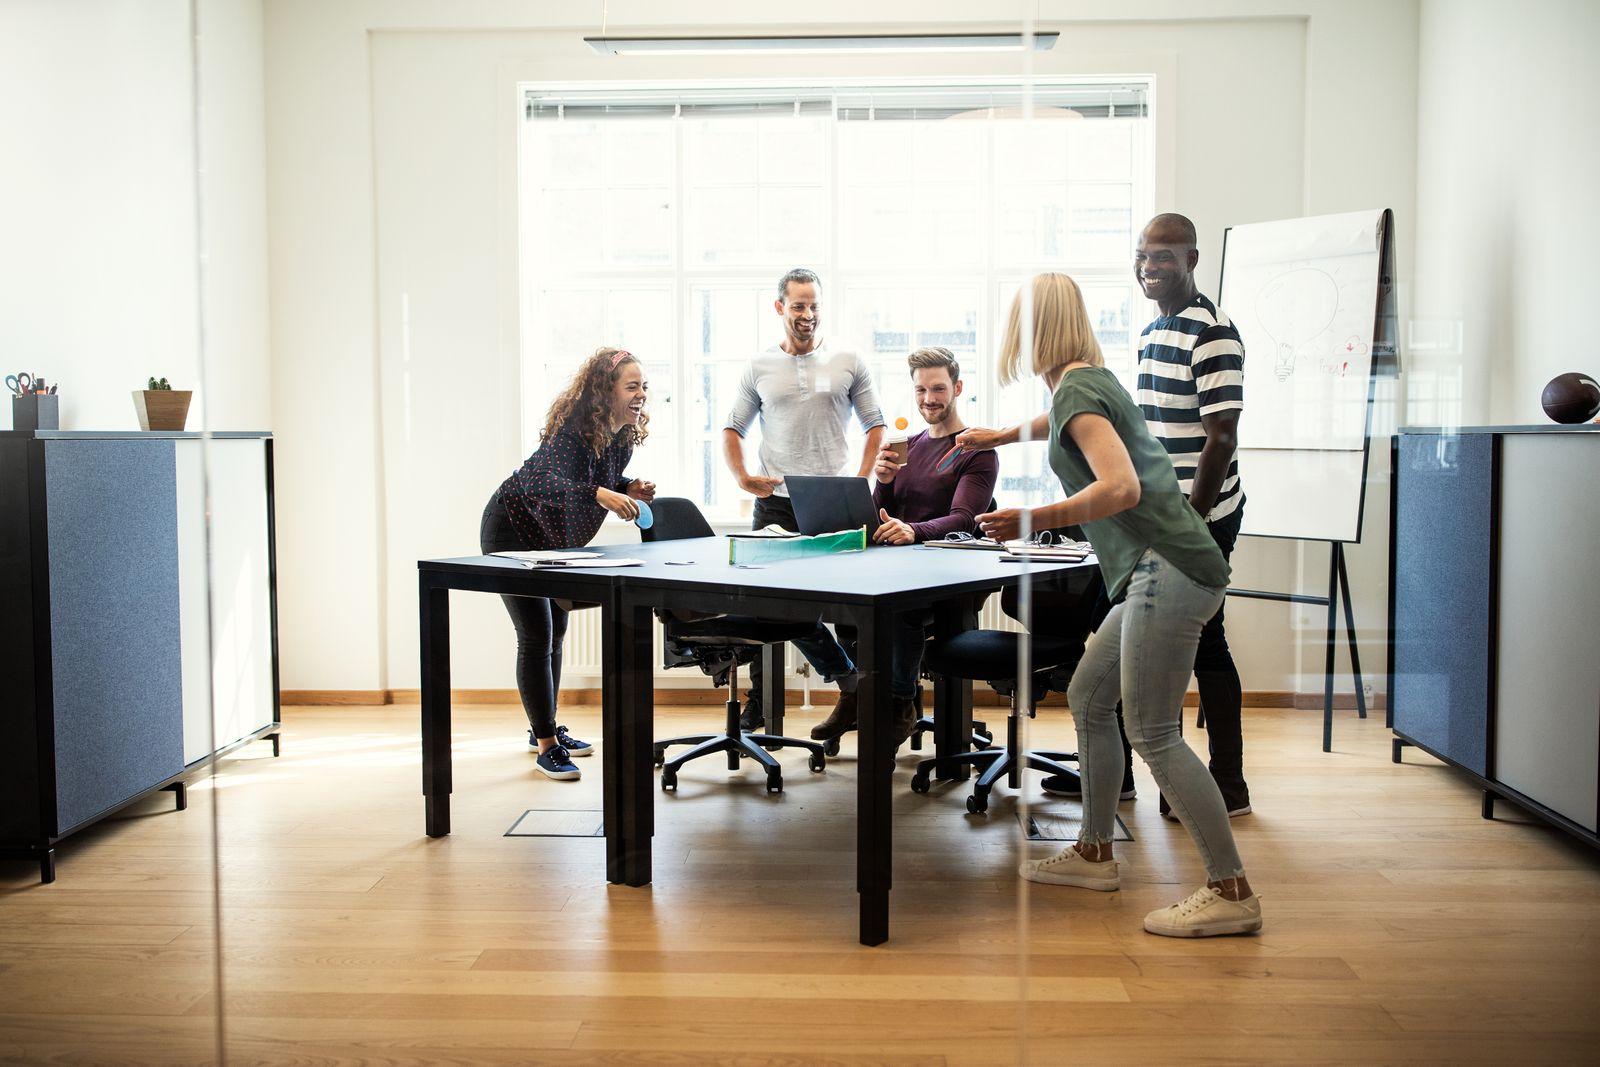 Pour accroître la productivité au bureau, prévoyez des coins détente